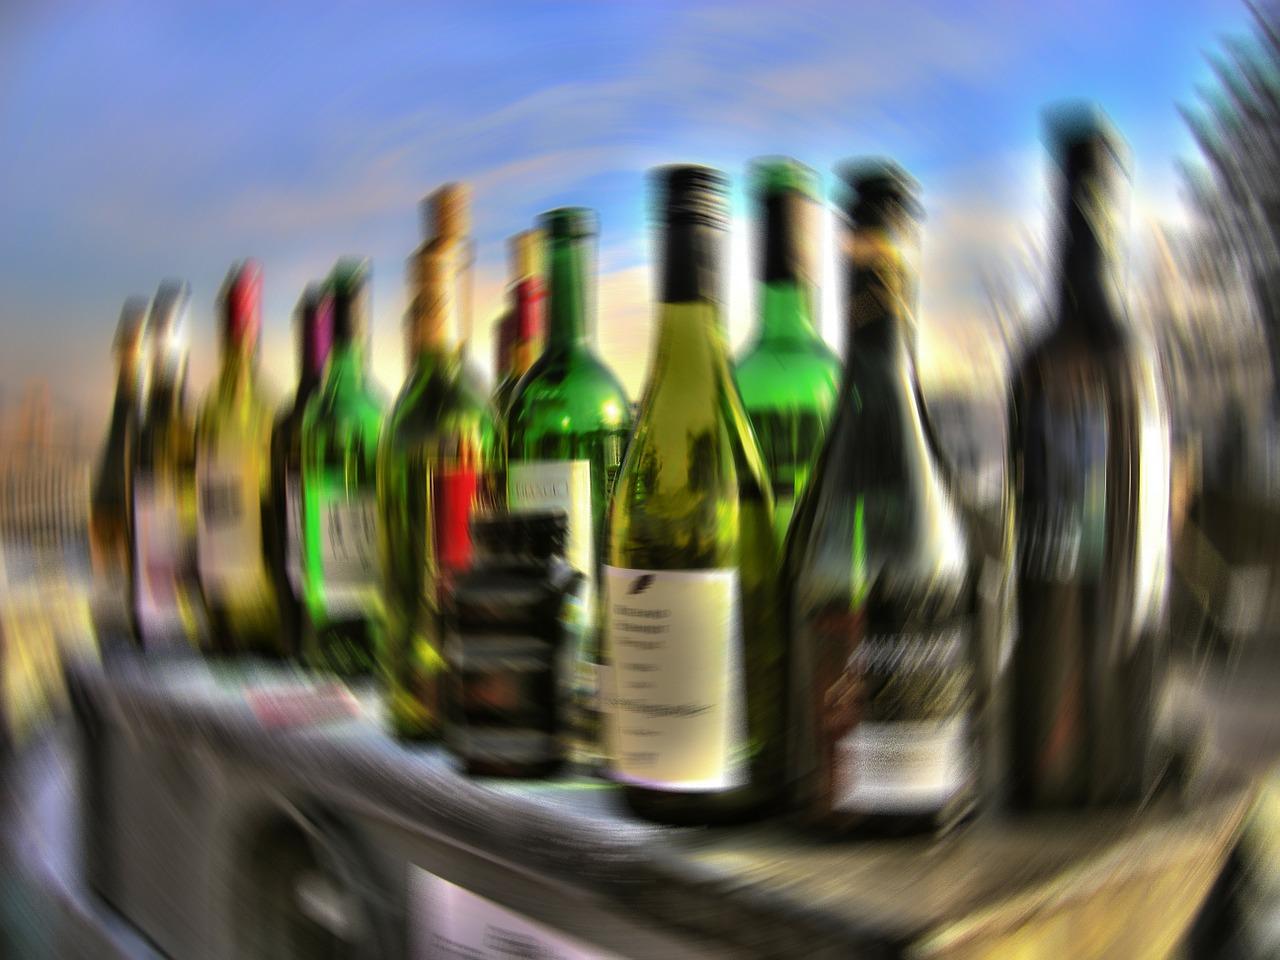 Bürgerschafts-Antrag zu Alkoholverkaufsbeschränkungen –  HLS begrüßt bessere Regulierungsmöglichkeiten.